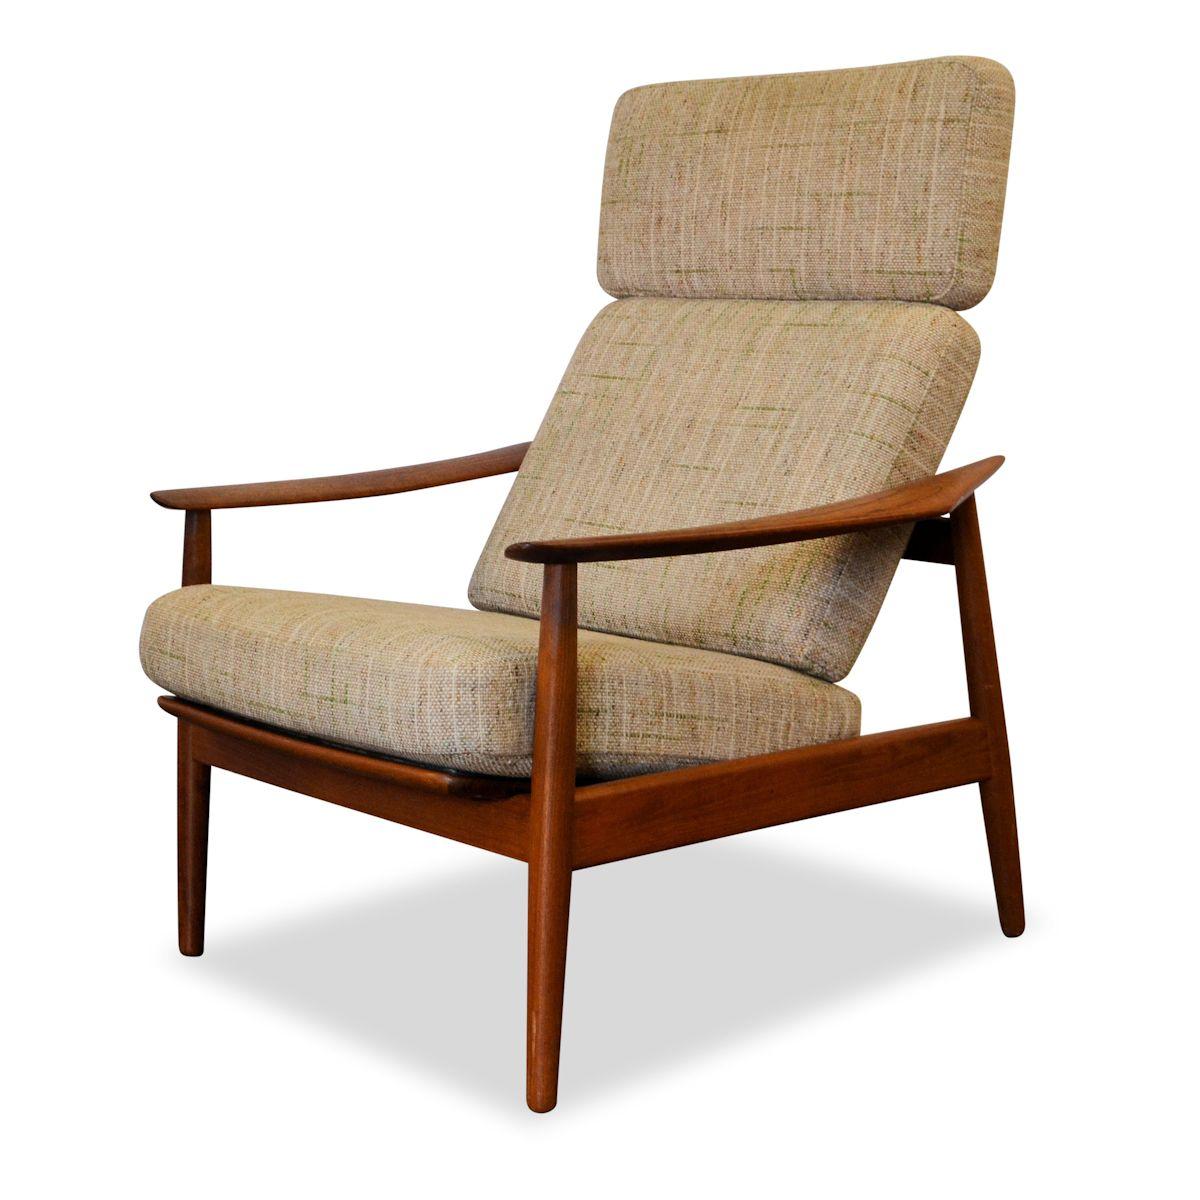 Vintage Arne Vodder FD164 teak fauteuil